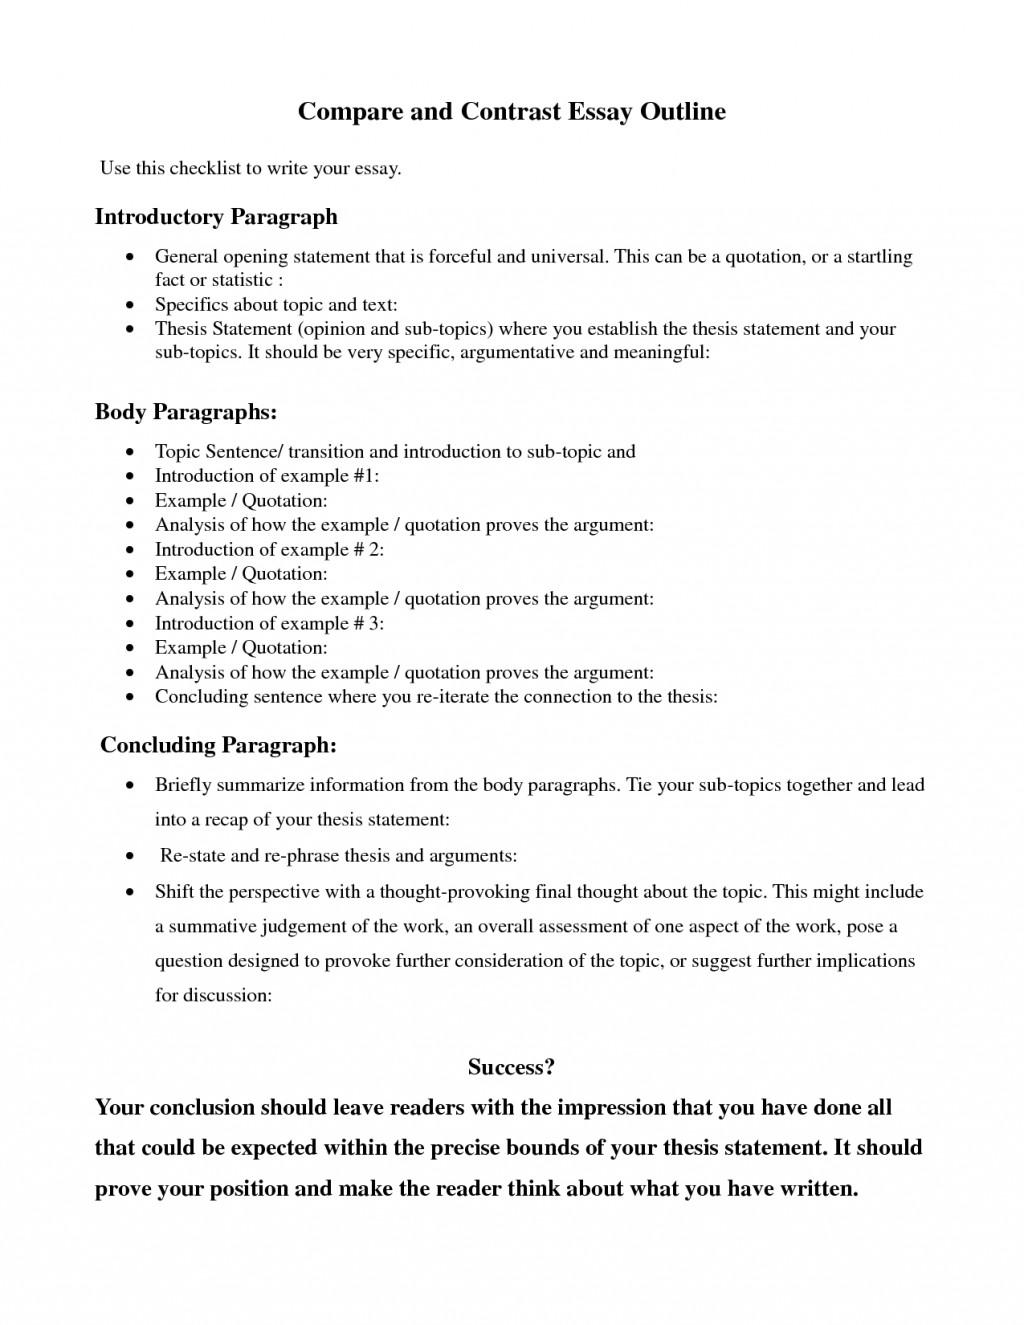 007 Outline Of Essay Impressive Argumentative Sample Mla Format Large